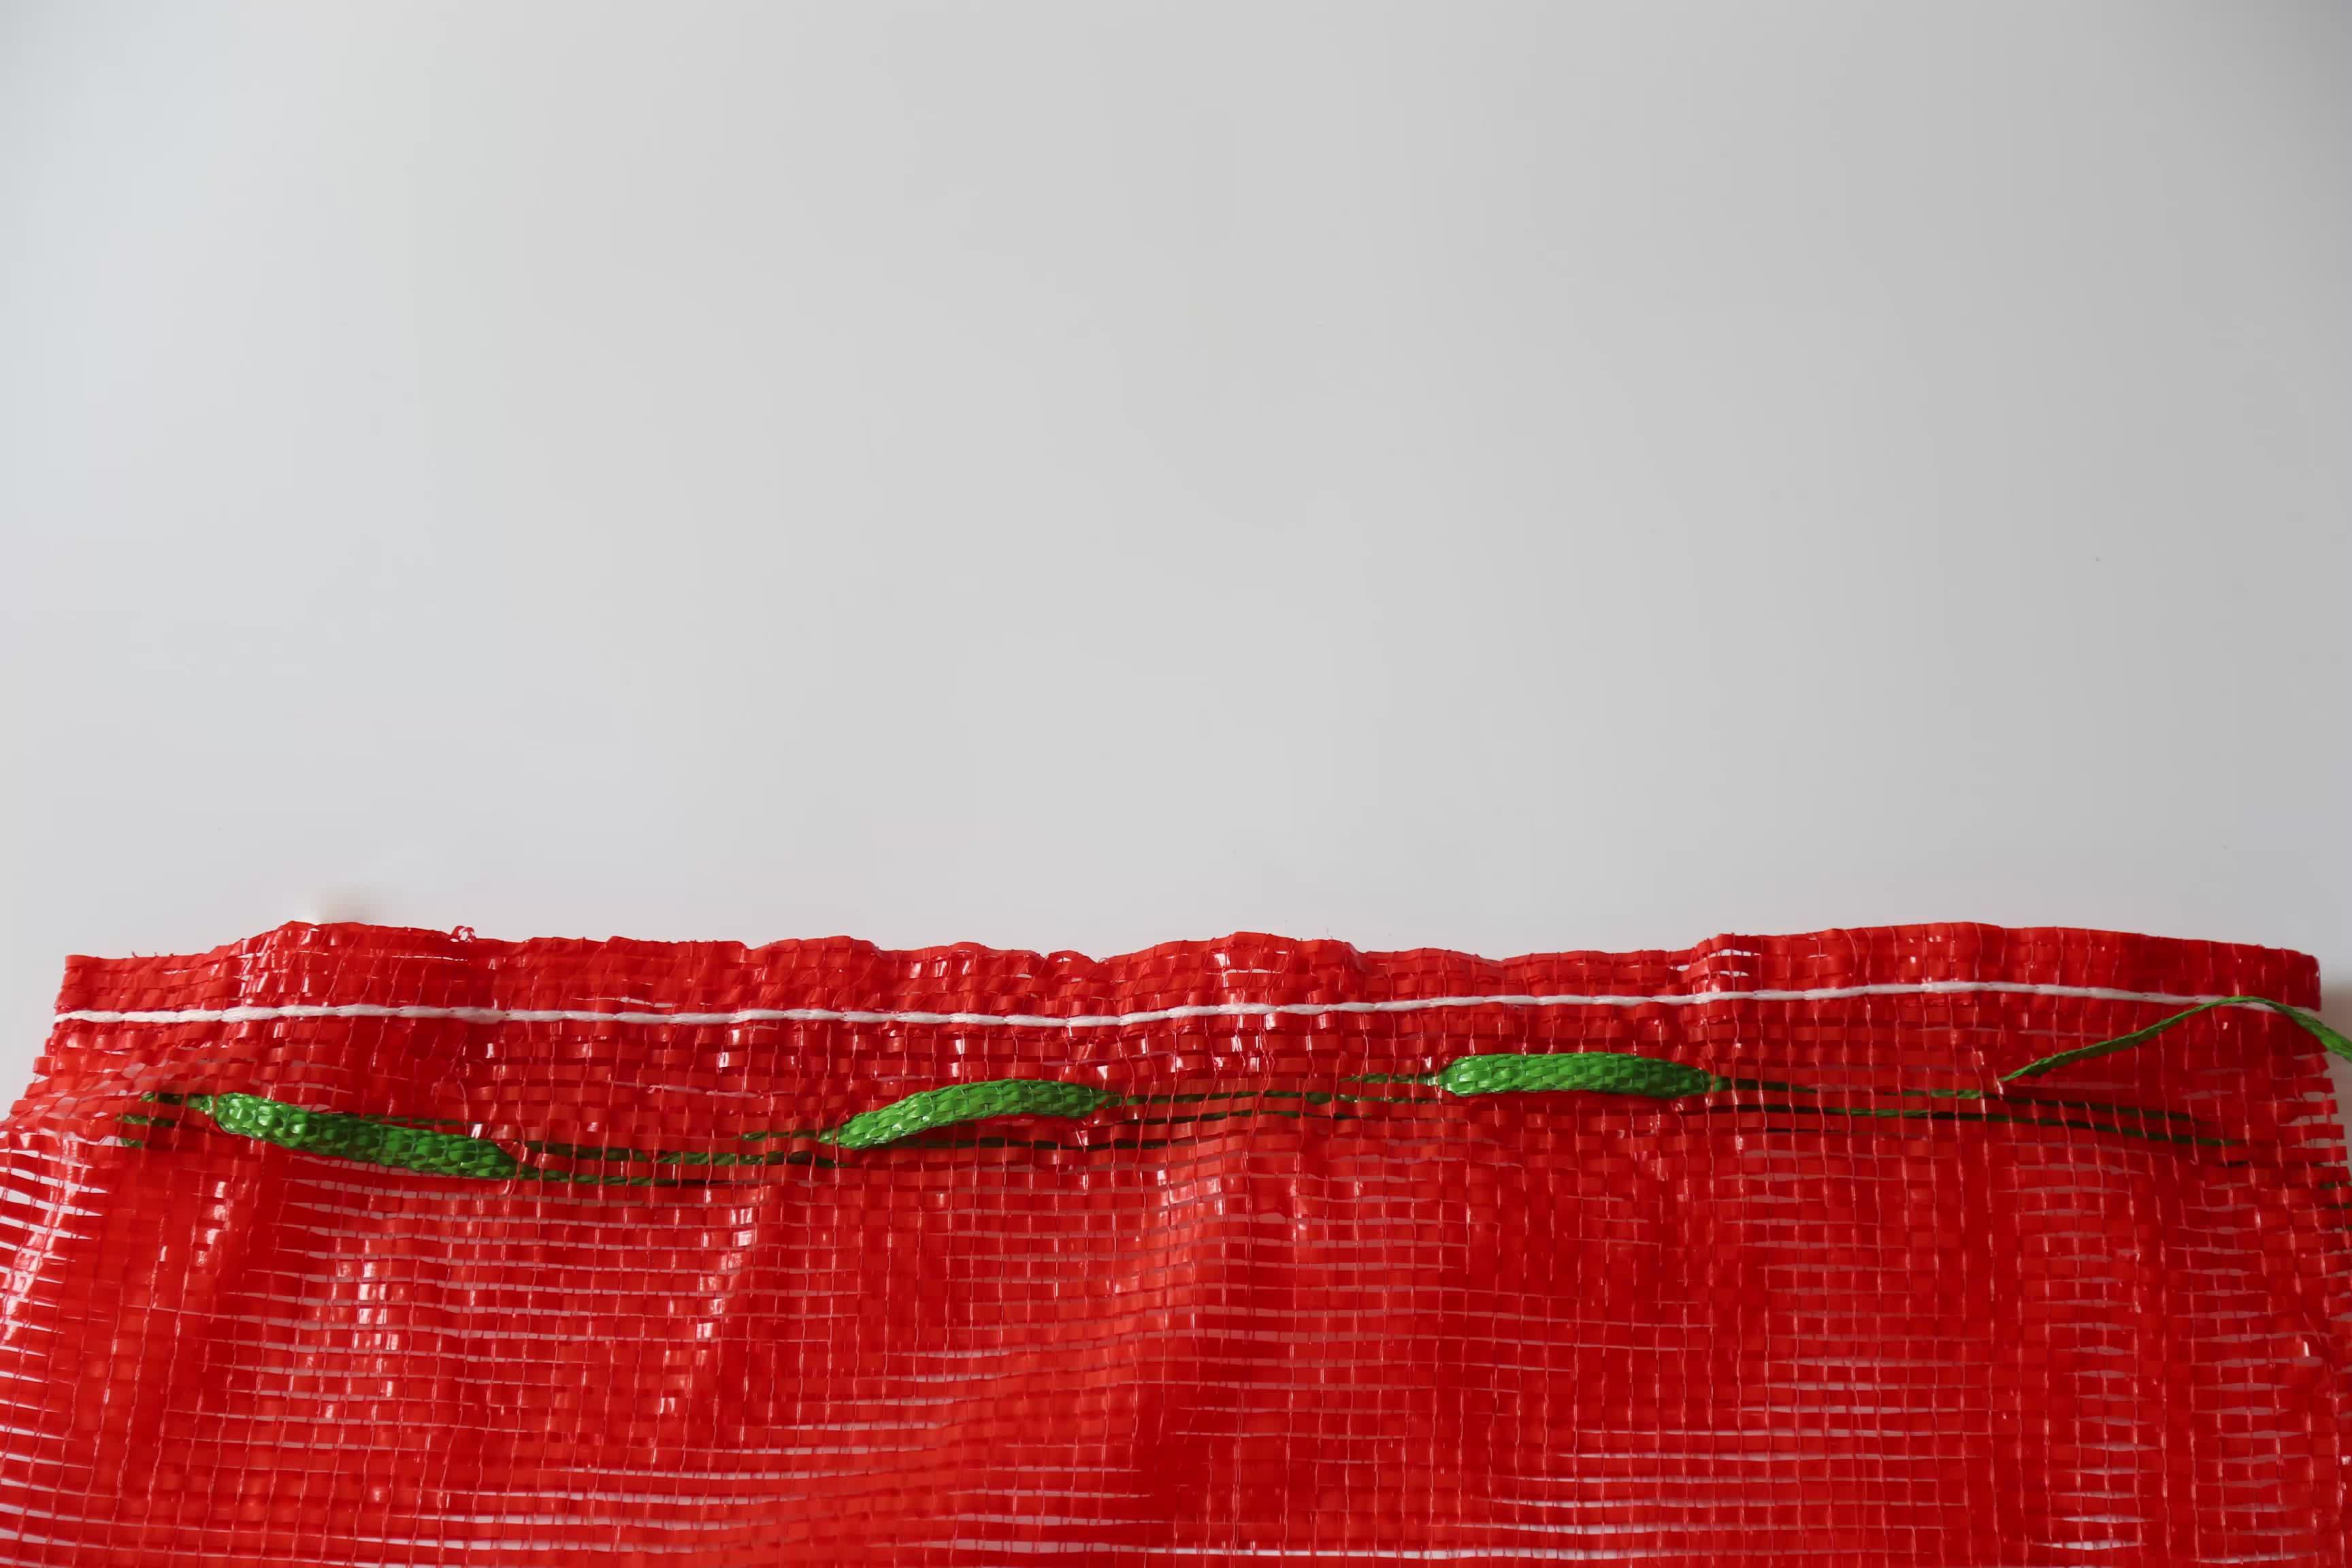 Excelente qualidade e ofertas especiais de plástico saco de rede de lenha 40L 60L